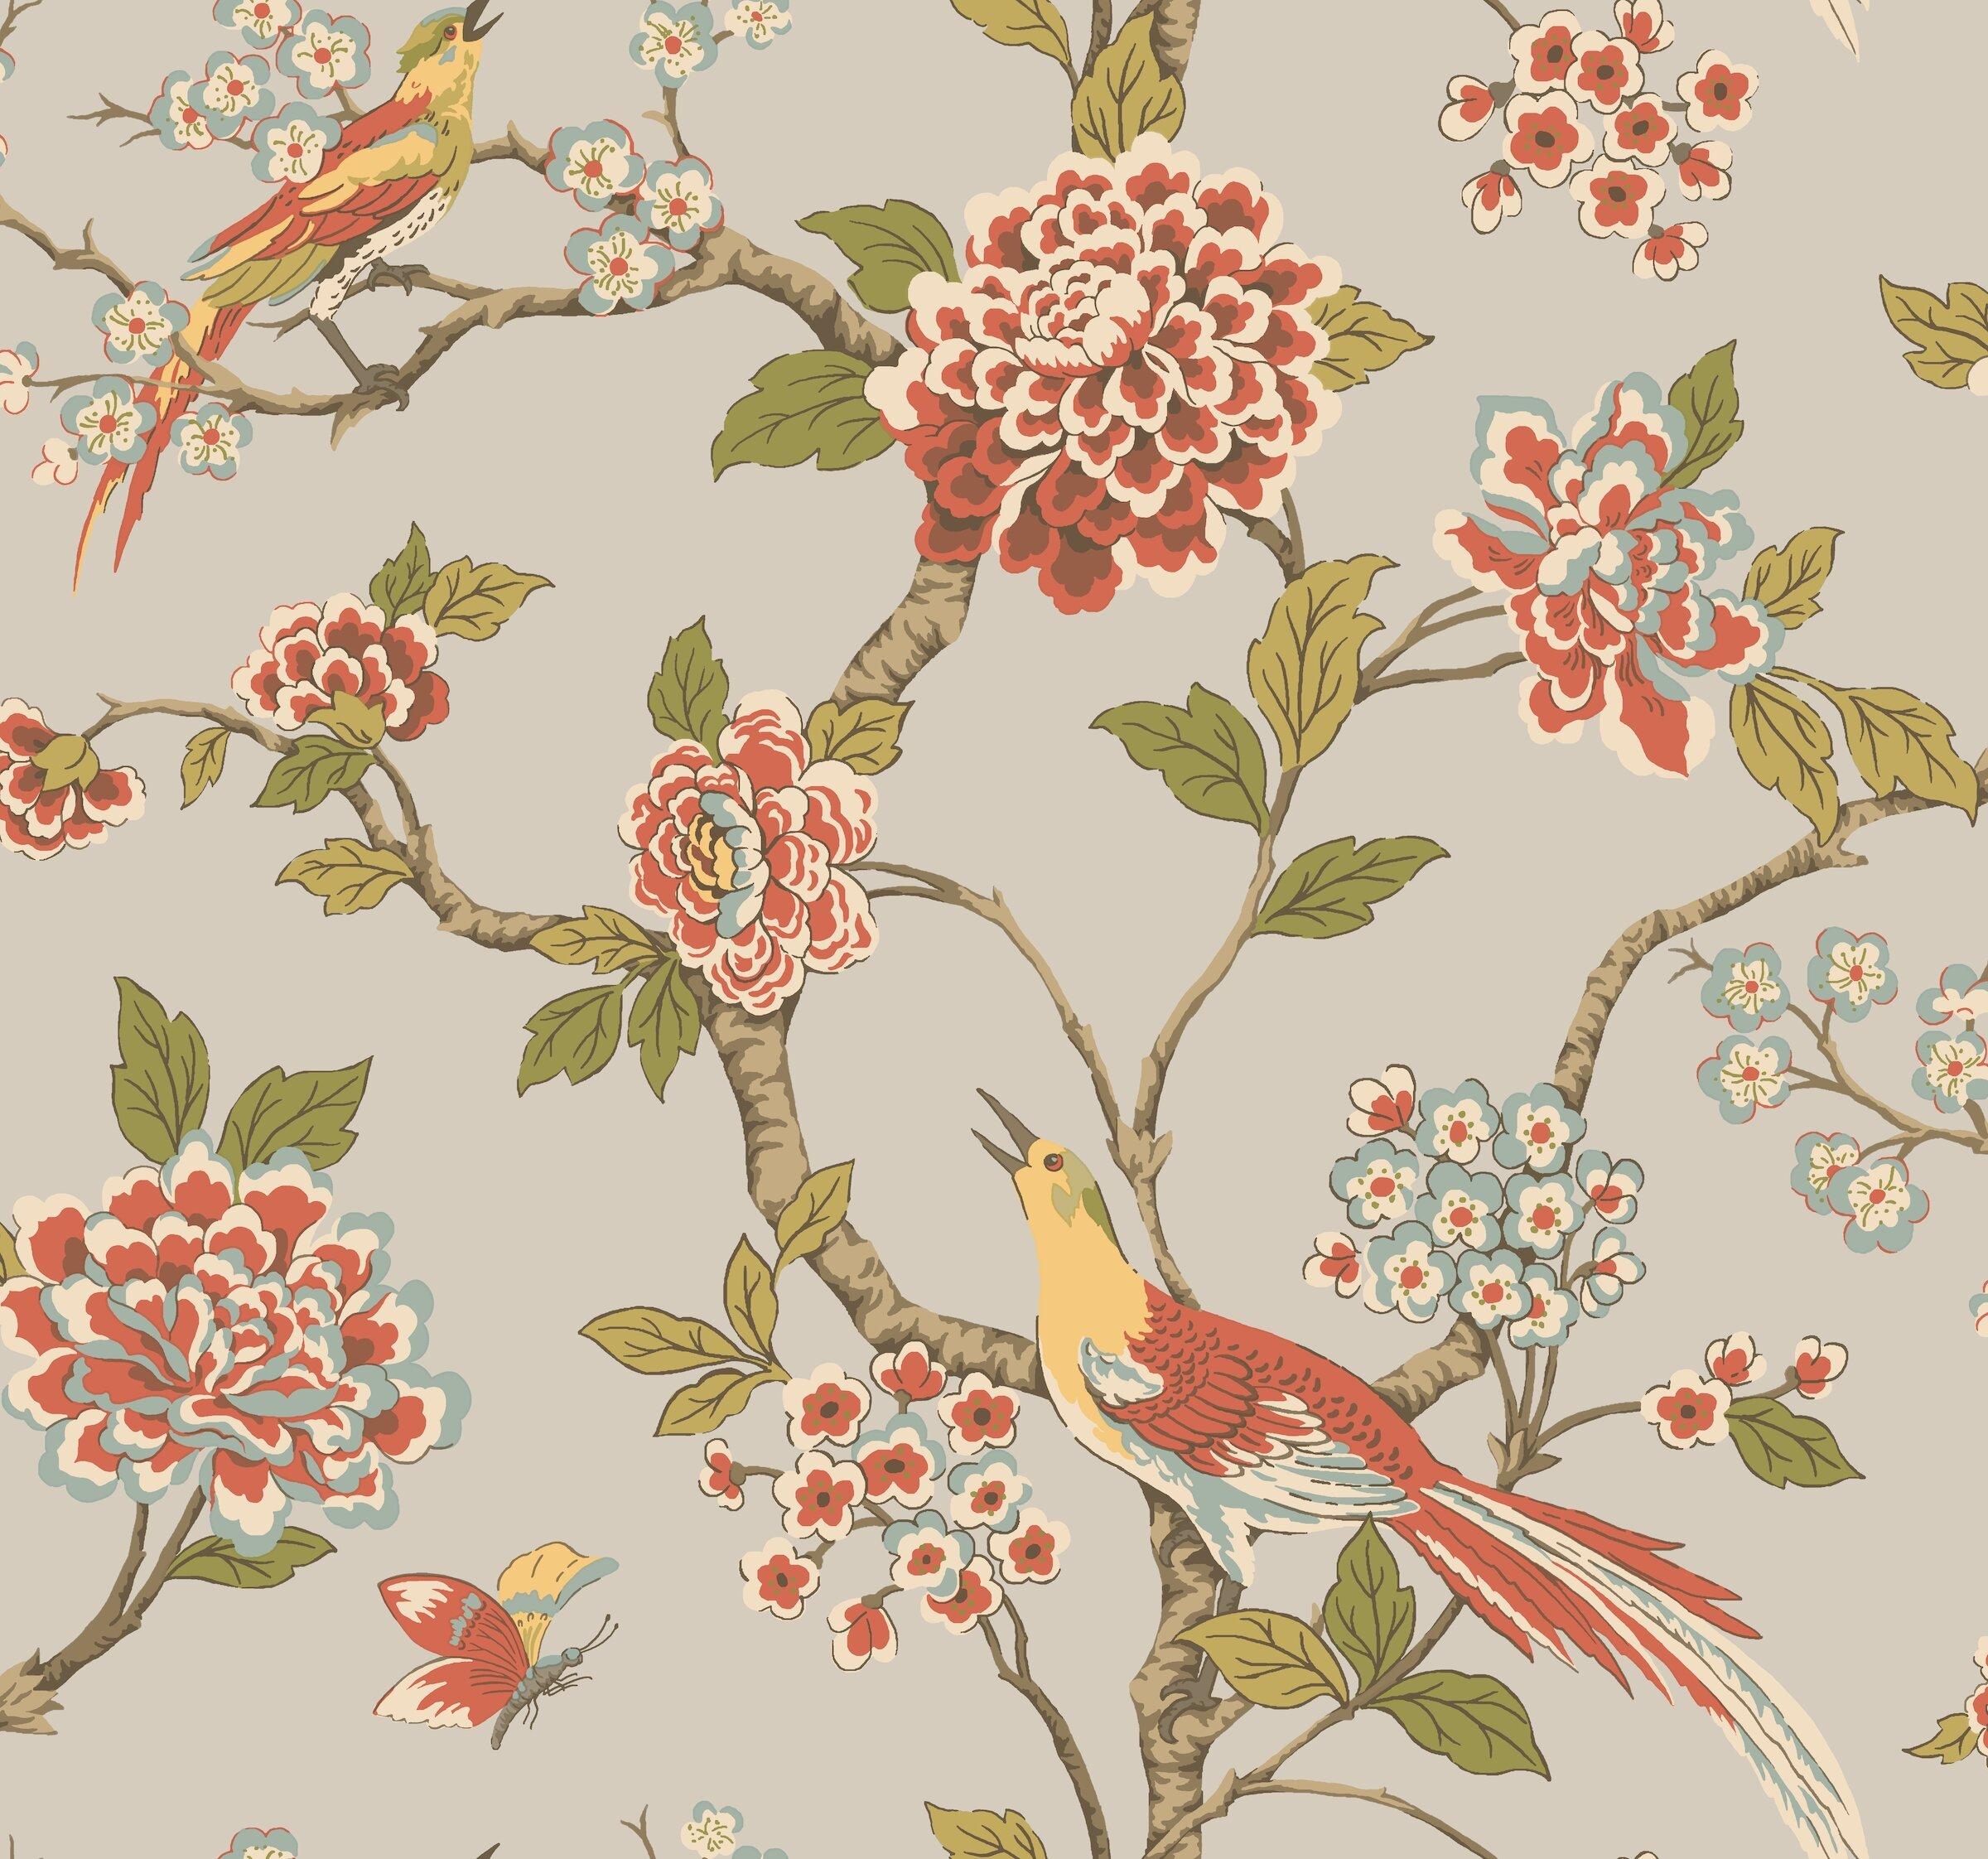 Wallpaper Roll or Sample Art Deco Nouveau Fan Fanciful Flowers